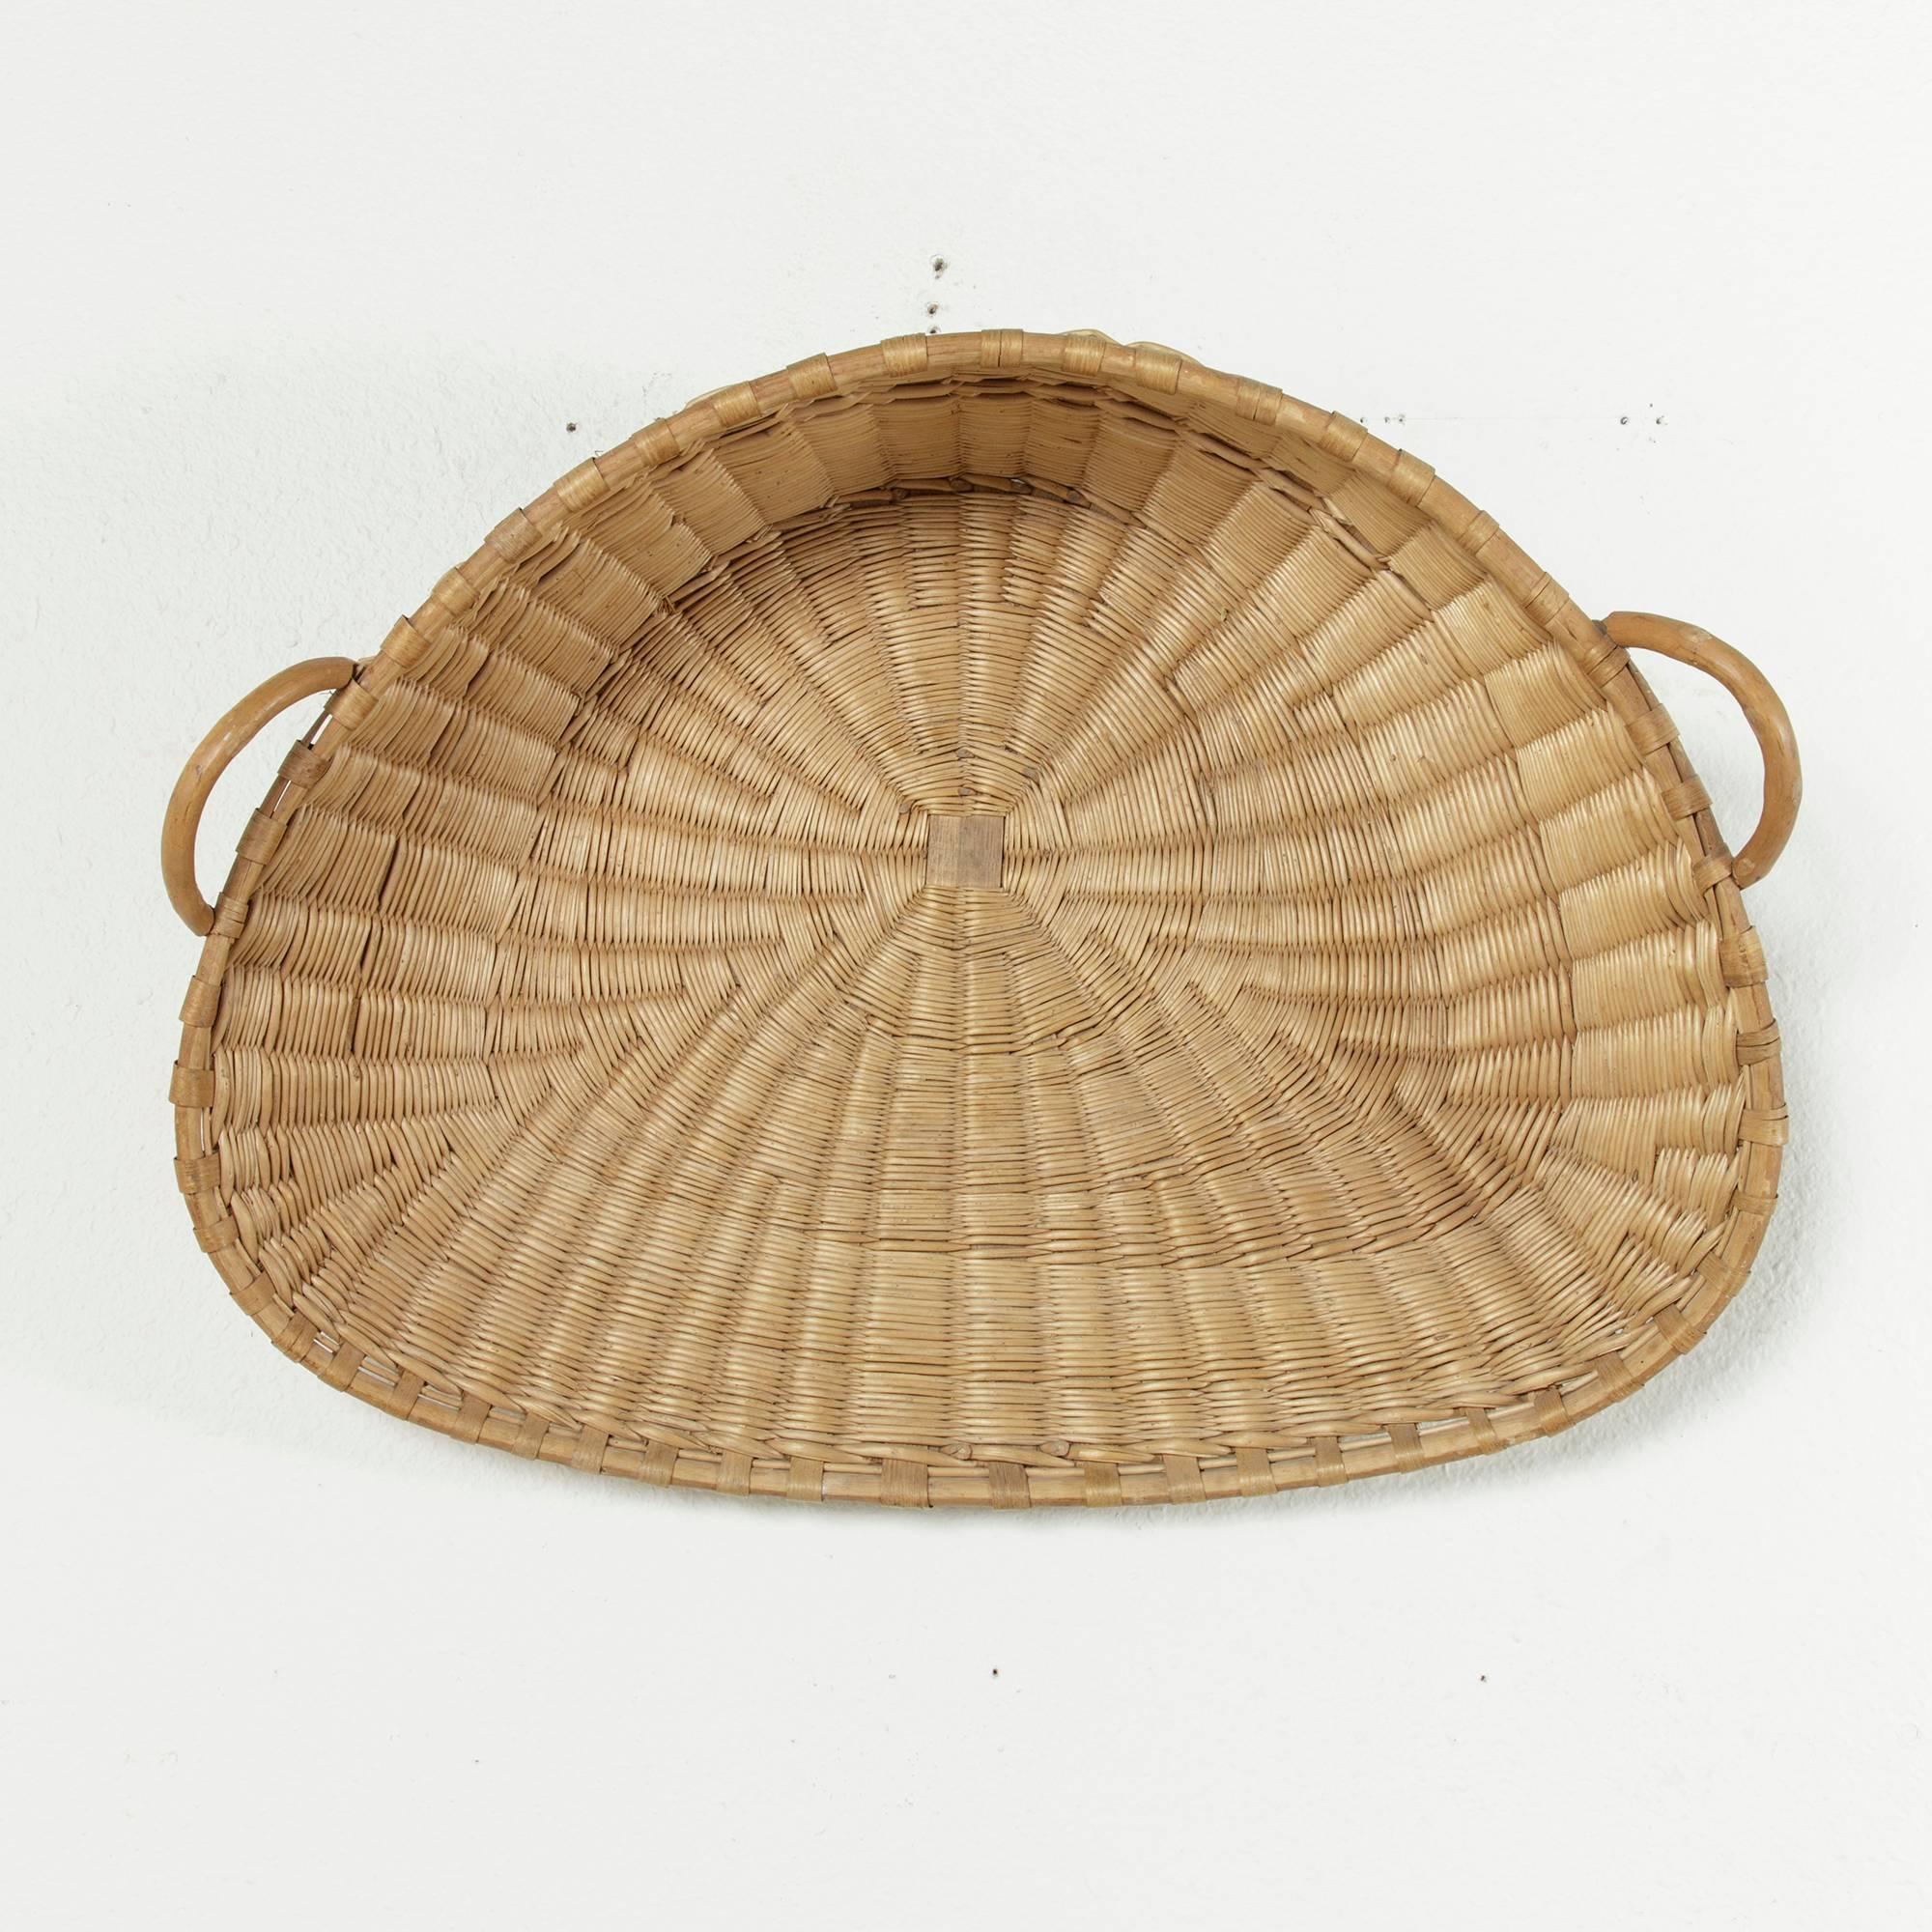 Architectural & Garden Antiques Winnowing Basket